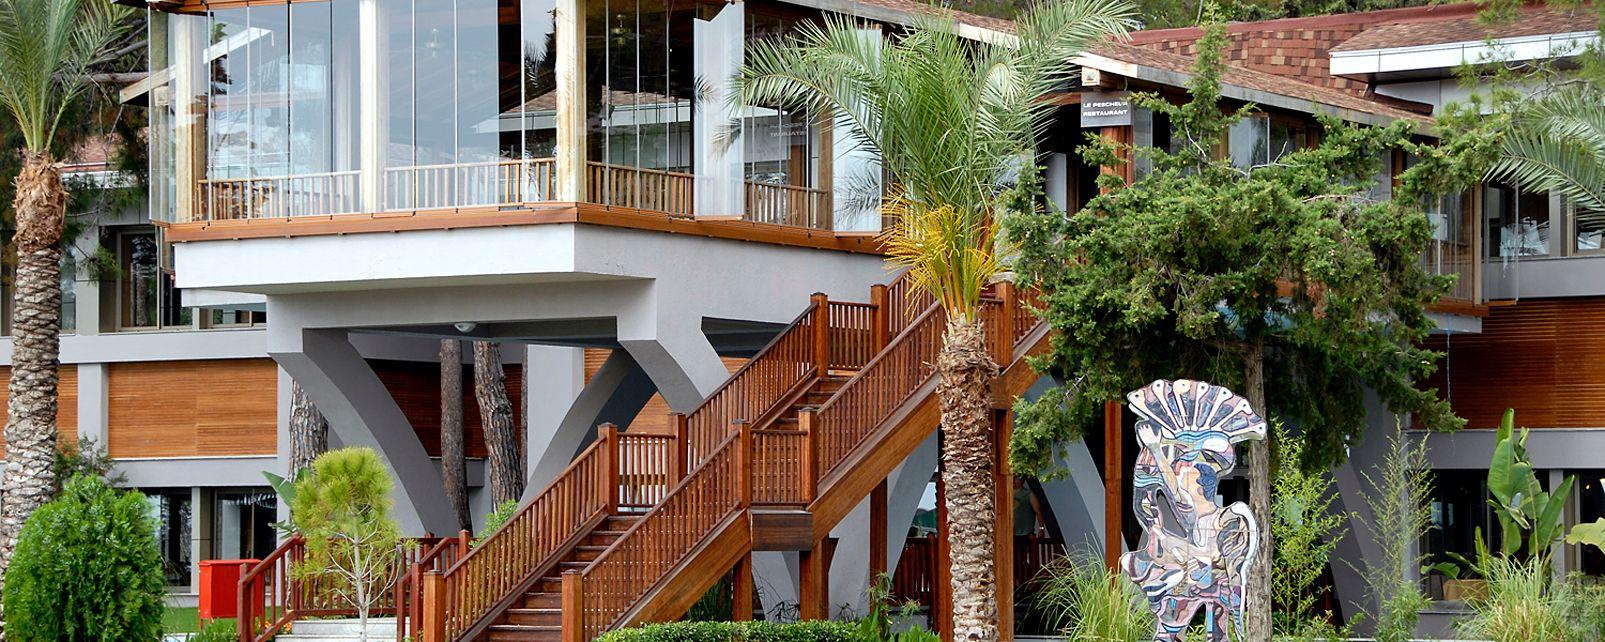 Hôtel Mirada Del Mar